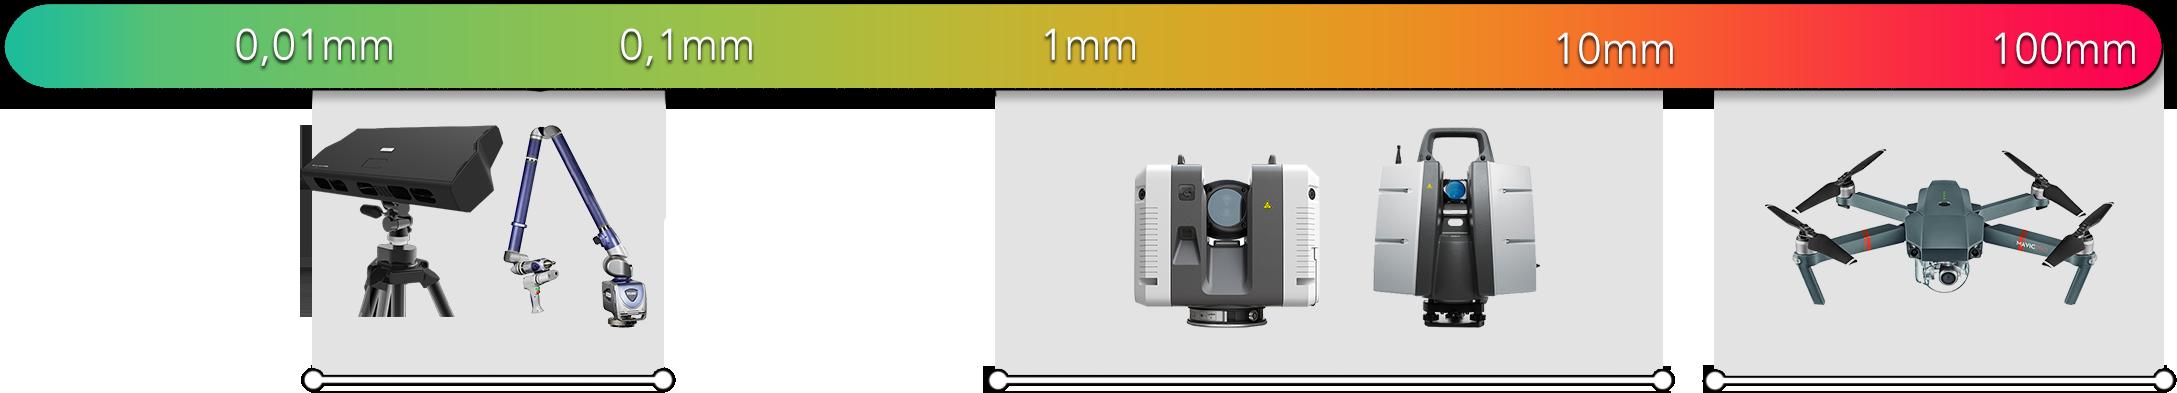 Nauwkeurigheden van onze apparatuur. Van links naar rechts: Structured Light Scanner, FARO ScanArm met Laser Line Probe, Leica RTC360, Leica P40/P50 en een drone.